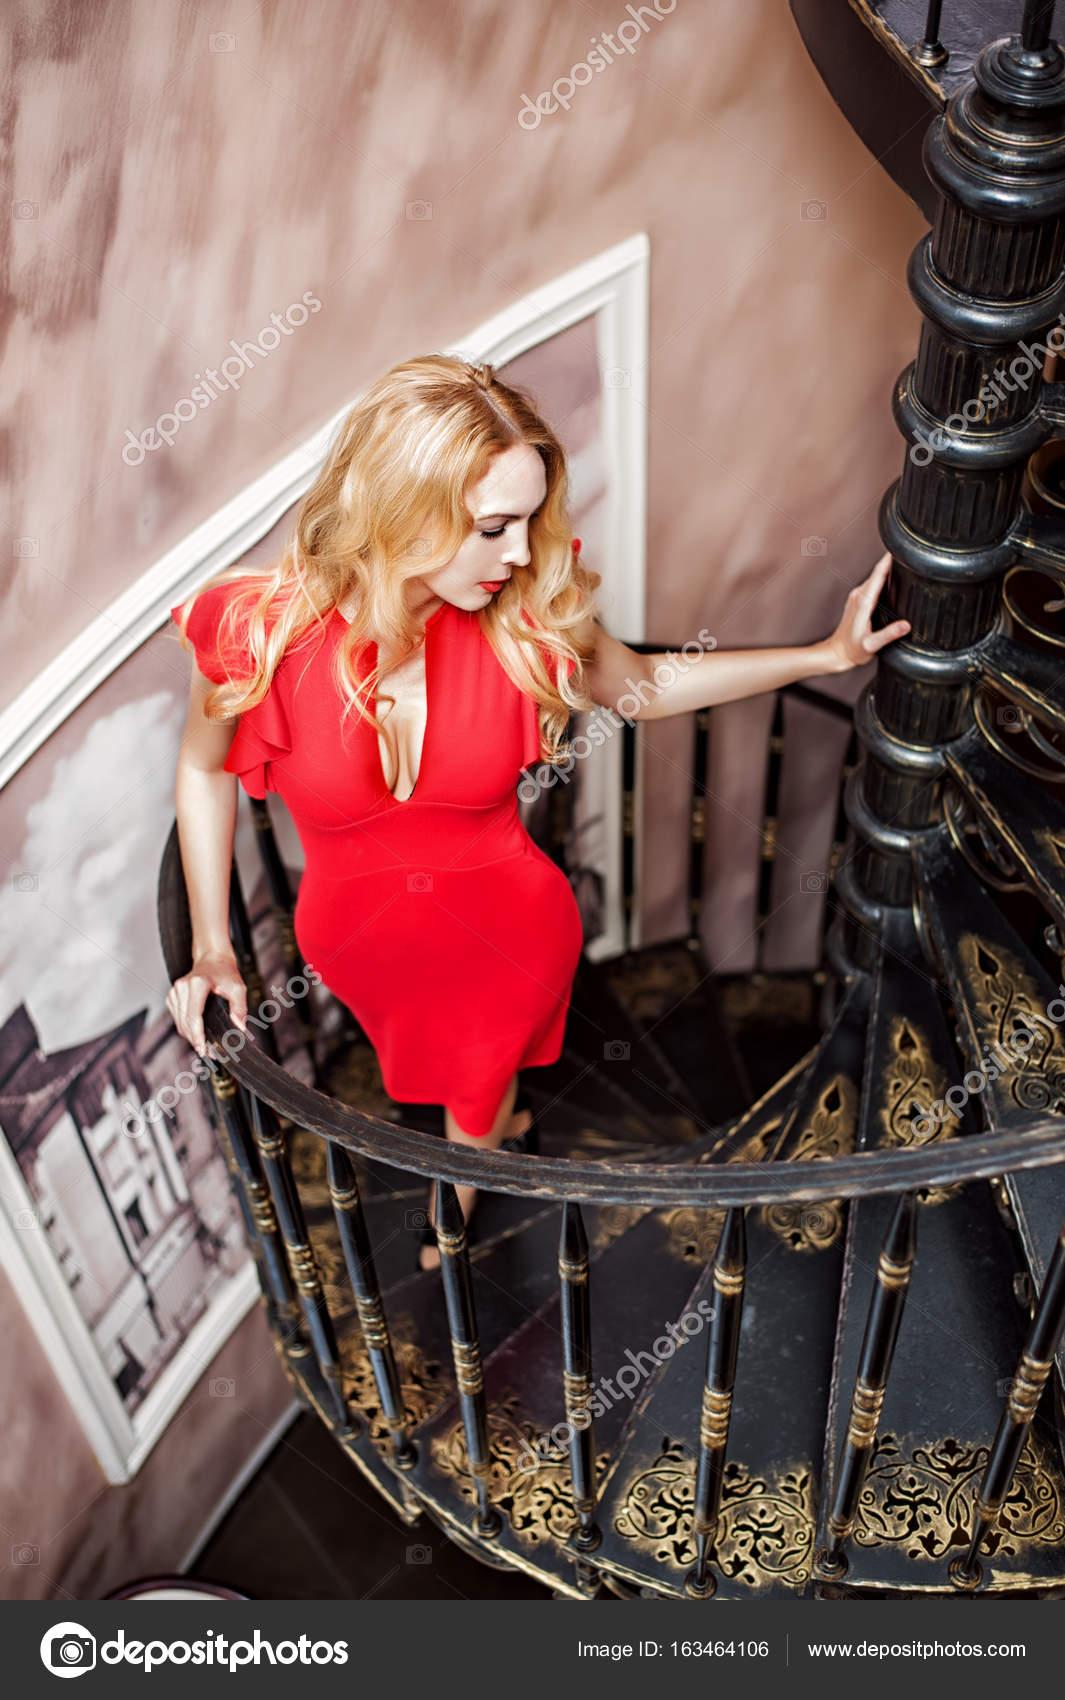 Отлизала подружке секс с длинной блондинкой на лестнице разных мелодий смотреть